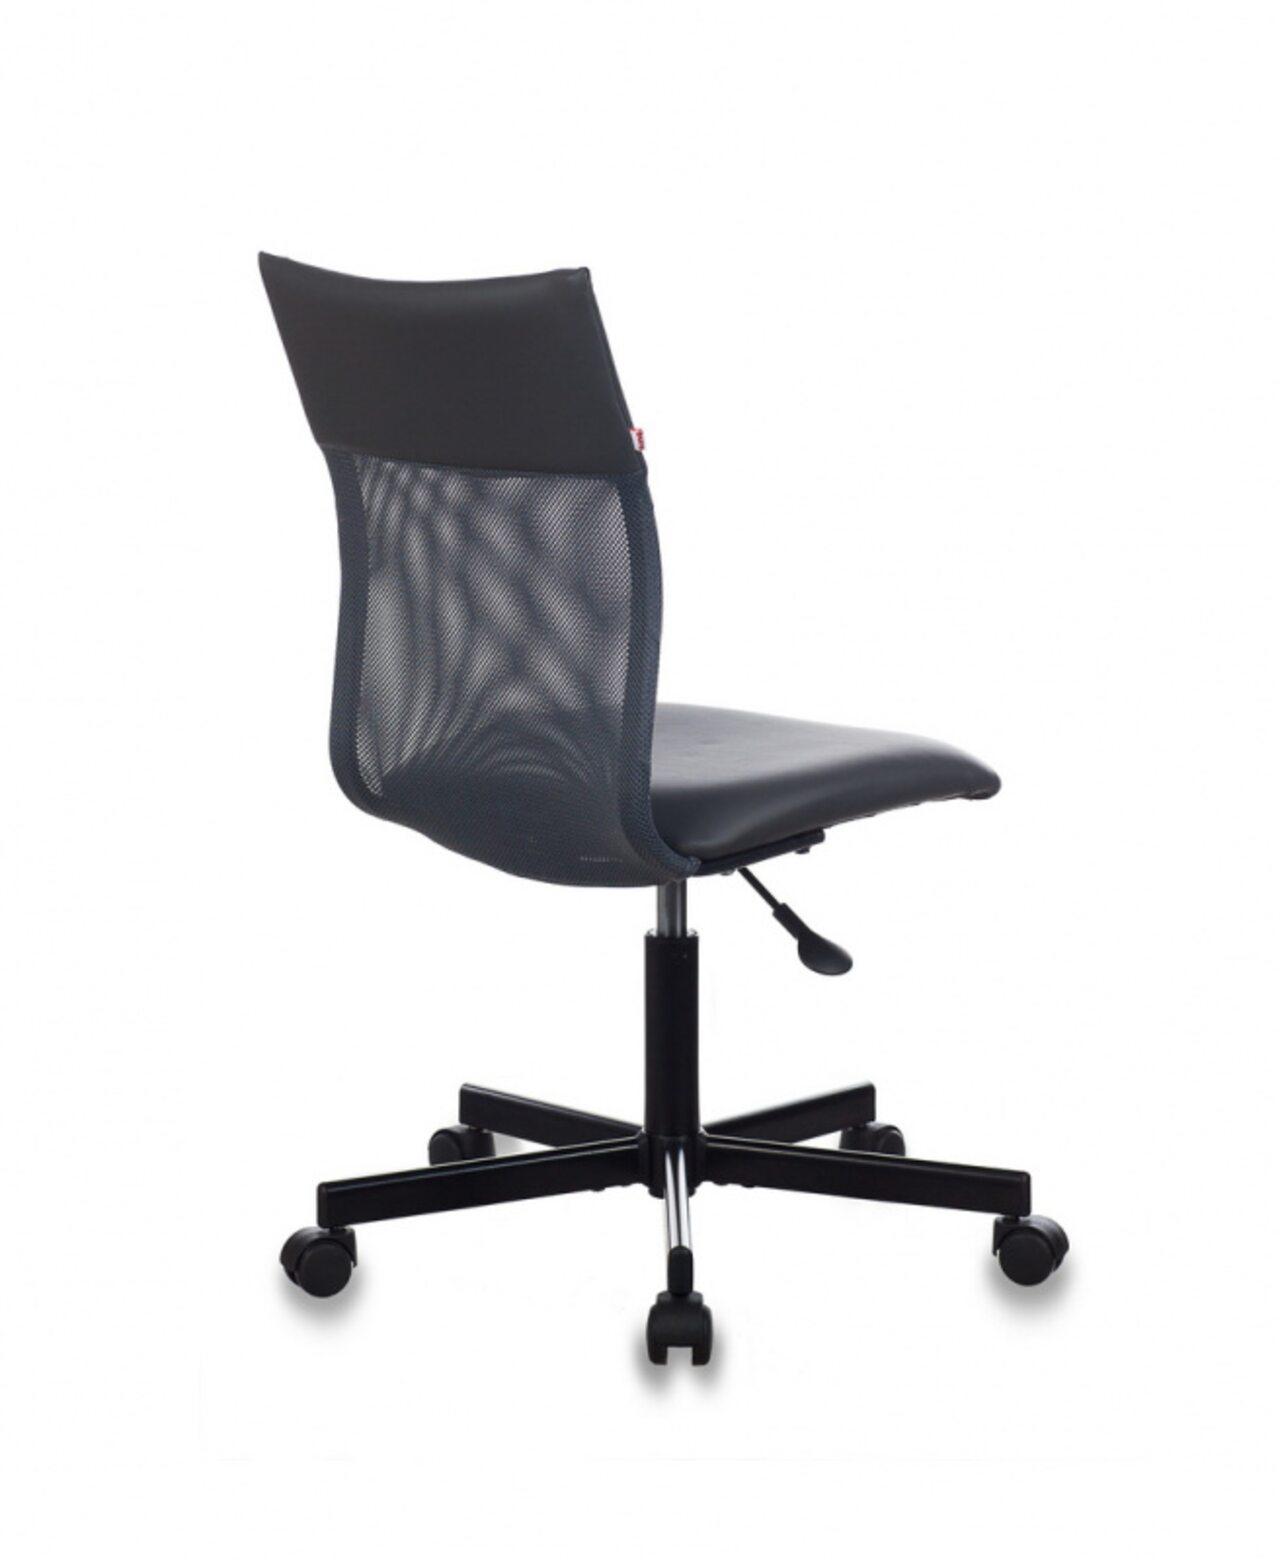 Кресло для персонала CH-1399 - фото 8